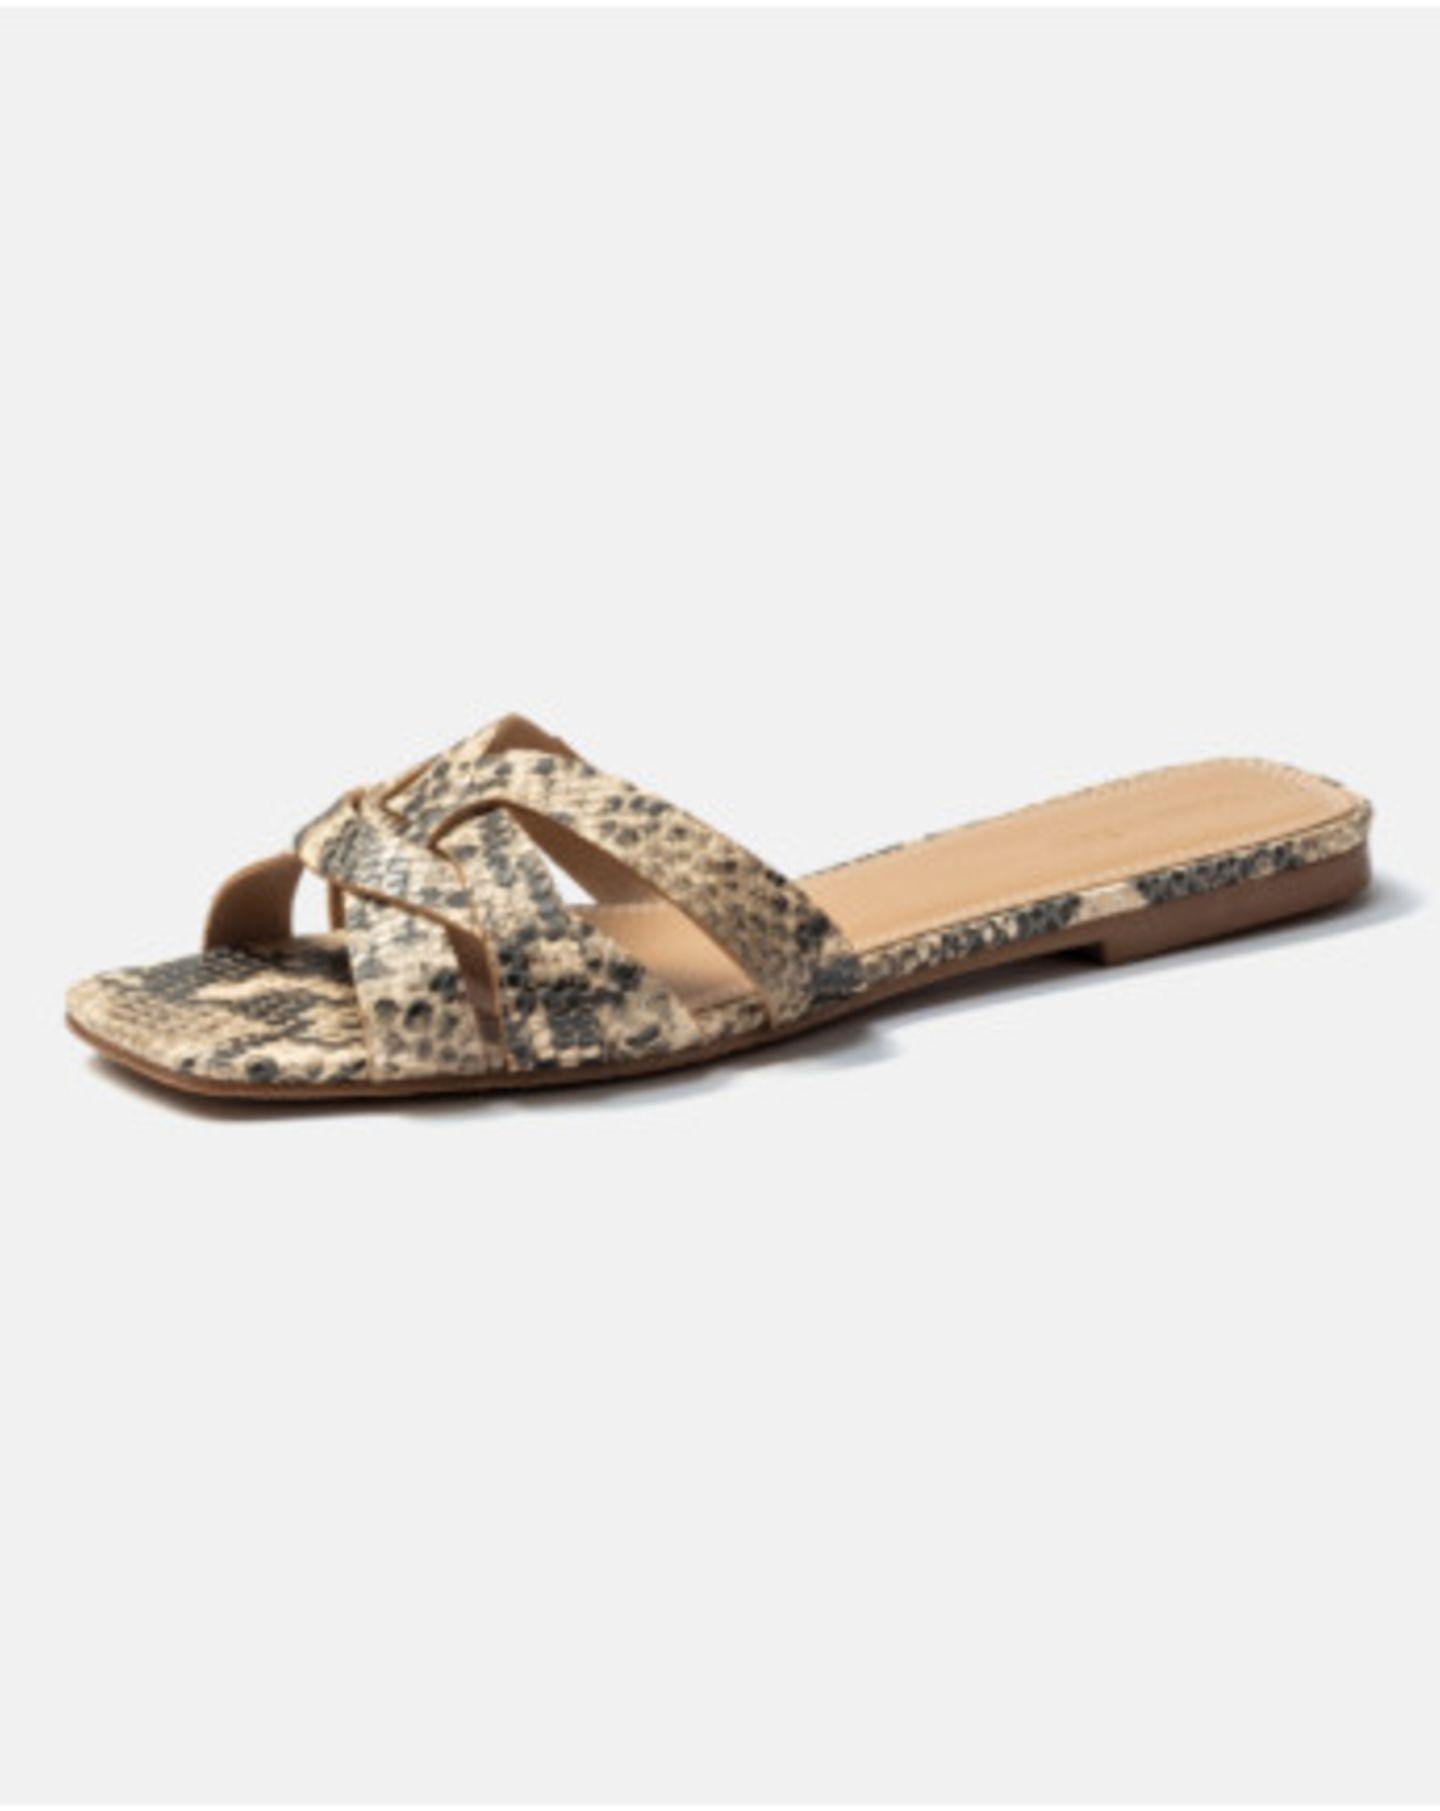 Animalprints sind seit einigen Jahren wieder fester Bestandteil der Modewelt und vor allem Snakeprints erlebten ihr großes Fashion-Revival. Klar also, dass wir diesen geflochtenen Pantoletten nicht widerstehen können. Von Hallhuber, um 60 Euro.